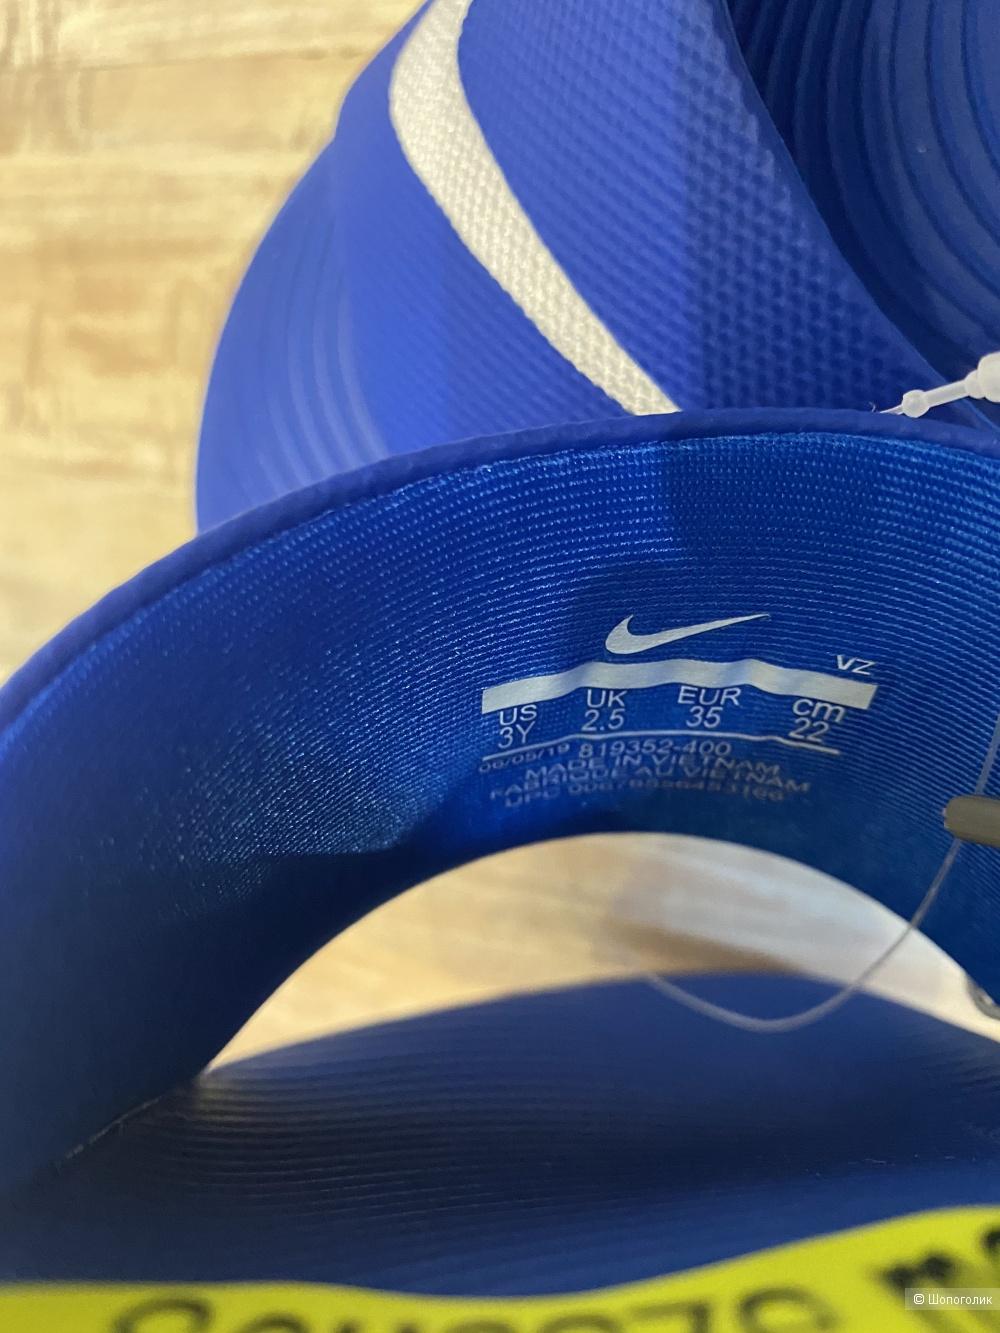 Детские пляжные шлепанцы NIKE, размер 35EUR/2,5UK/3US. На ногу 22 см